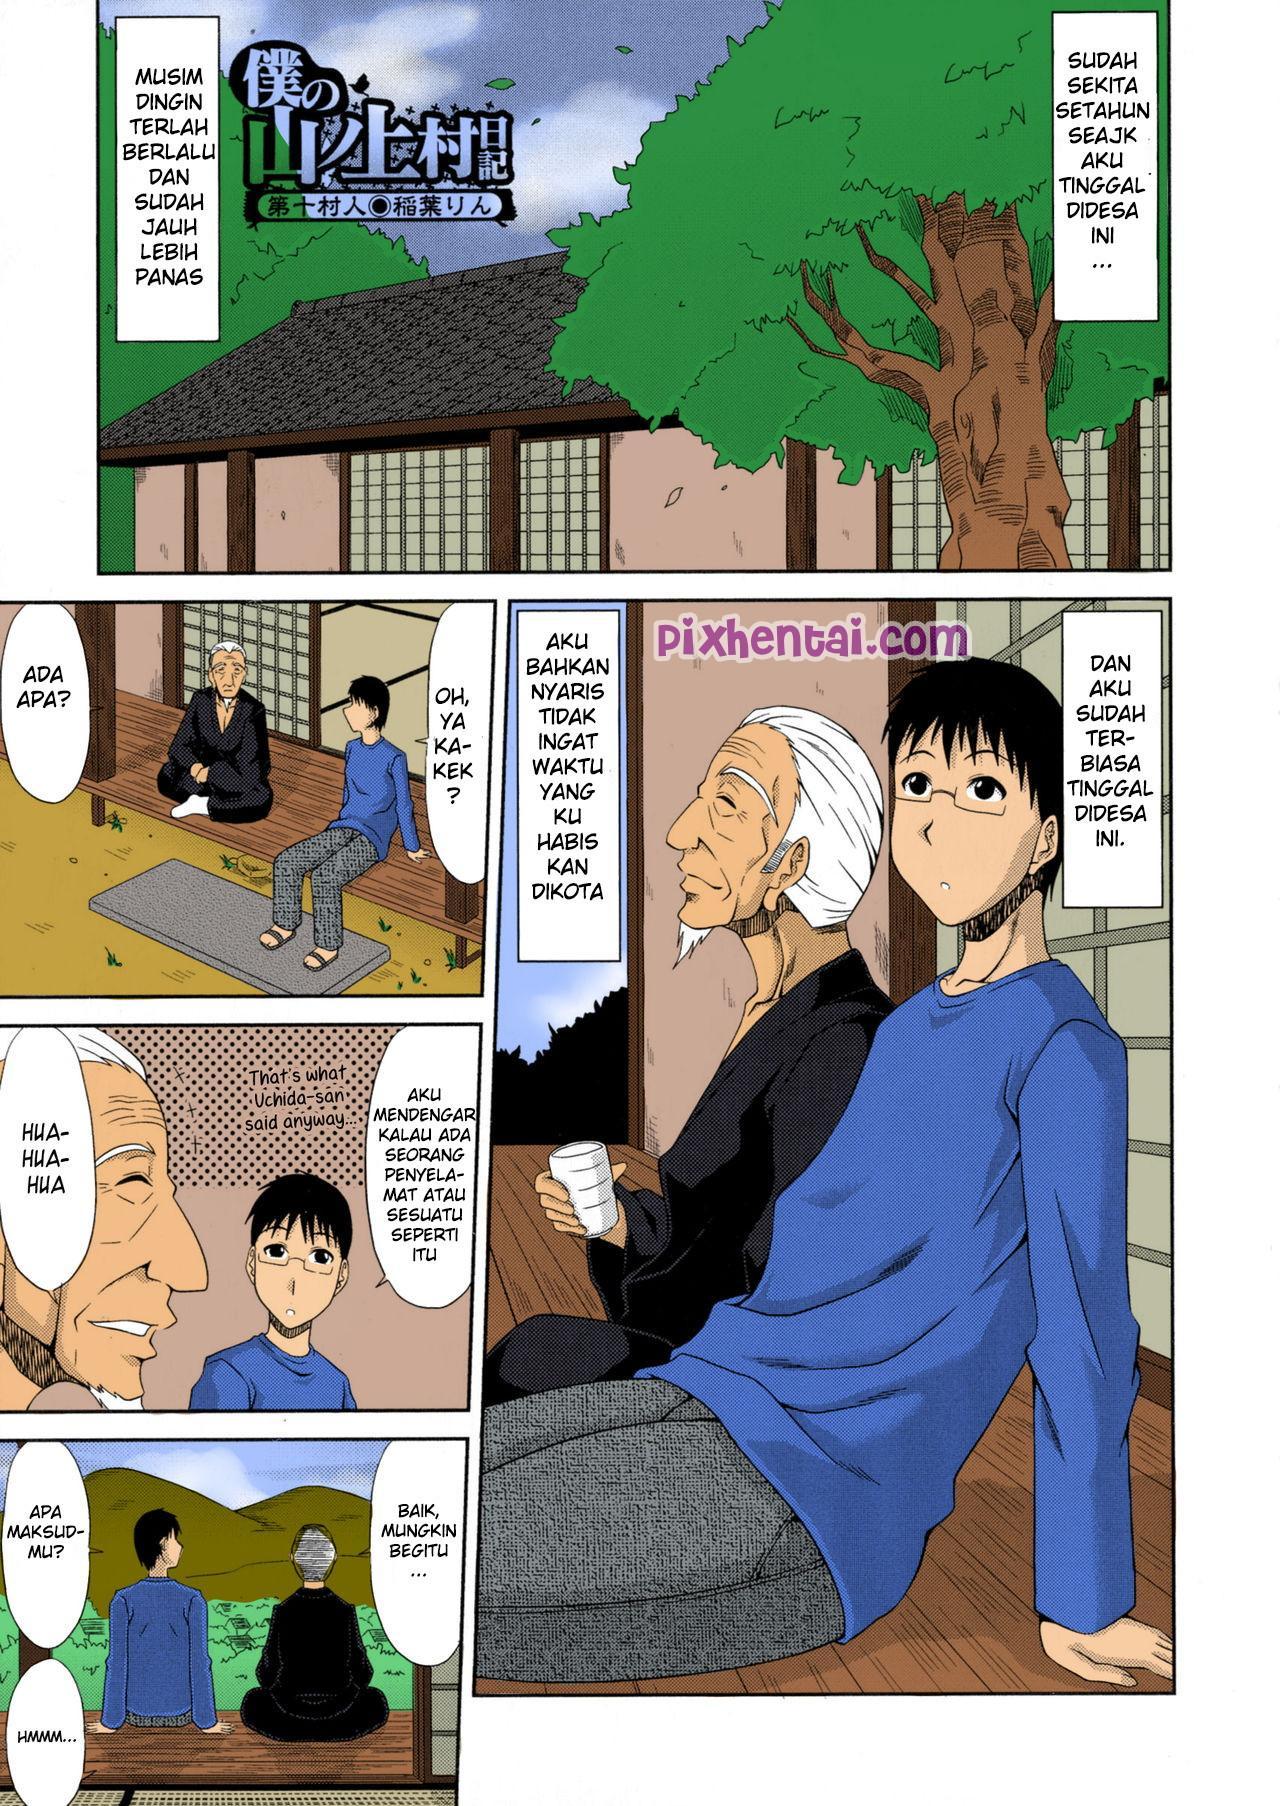 Komik hentai xxx manga sex bokep cerita kakek menghamili seluruh wanita desa 01